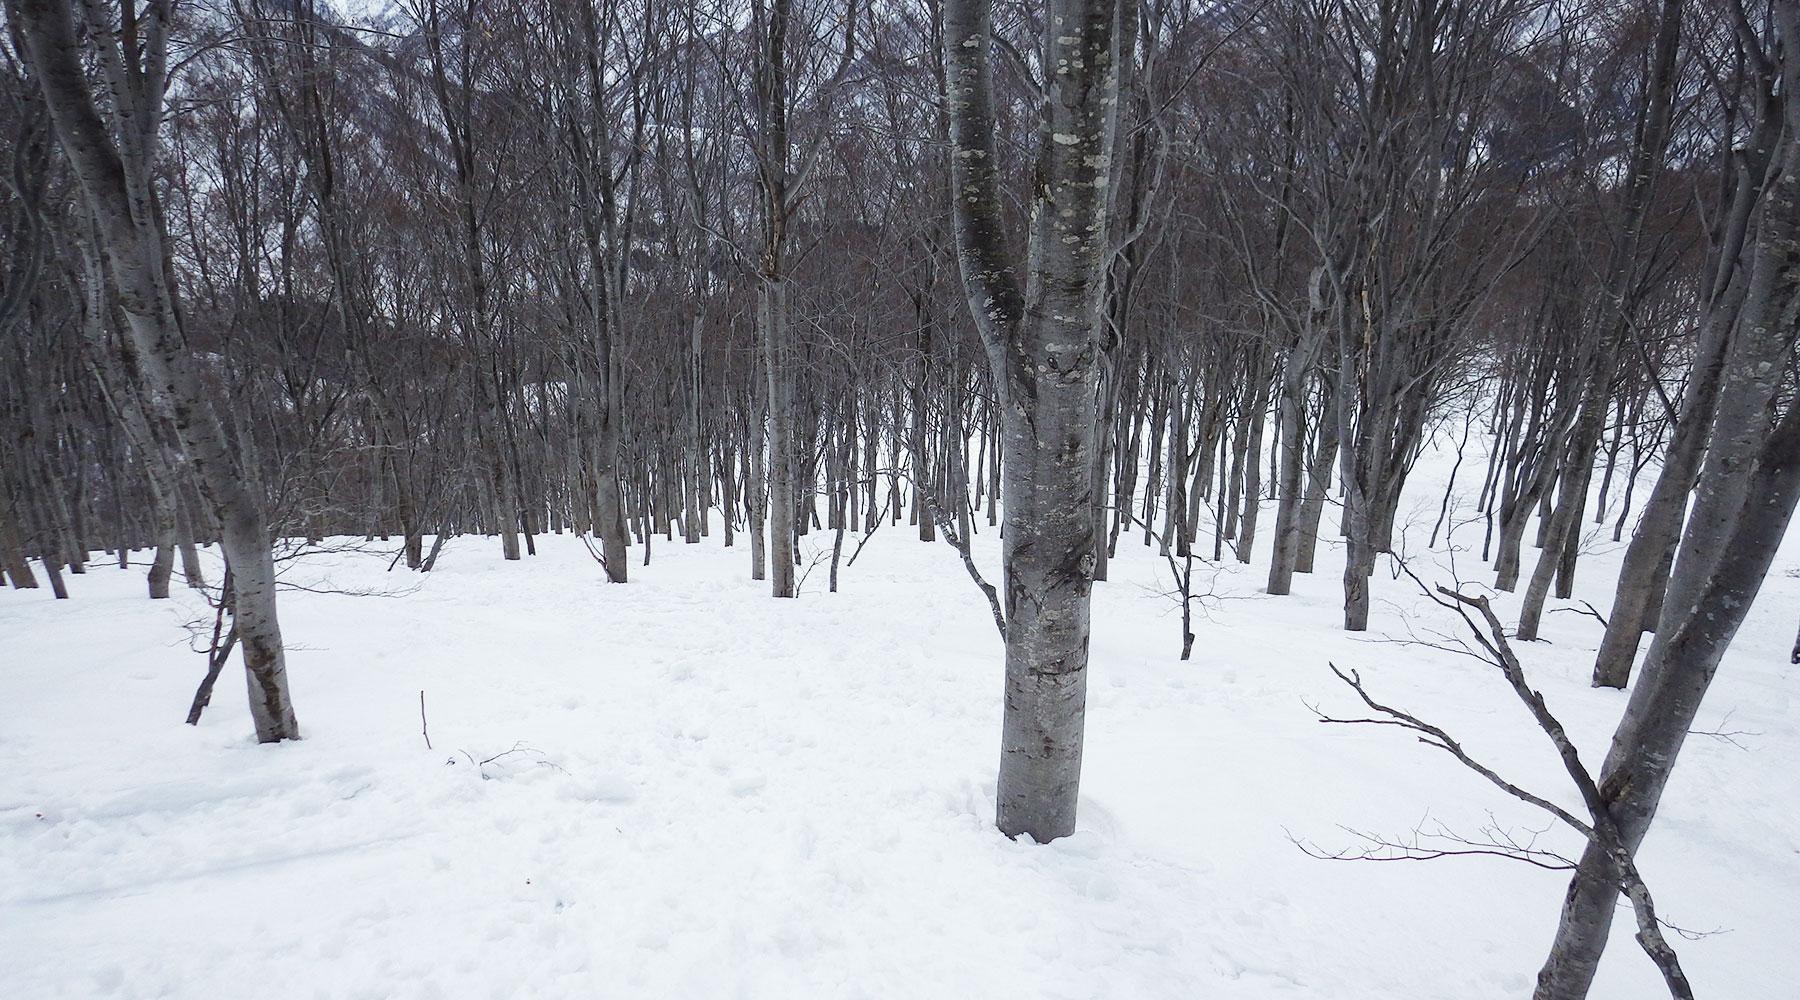 巻機山・井戸尾根下部の樹林帯